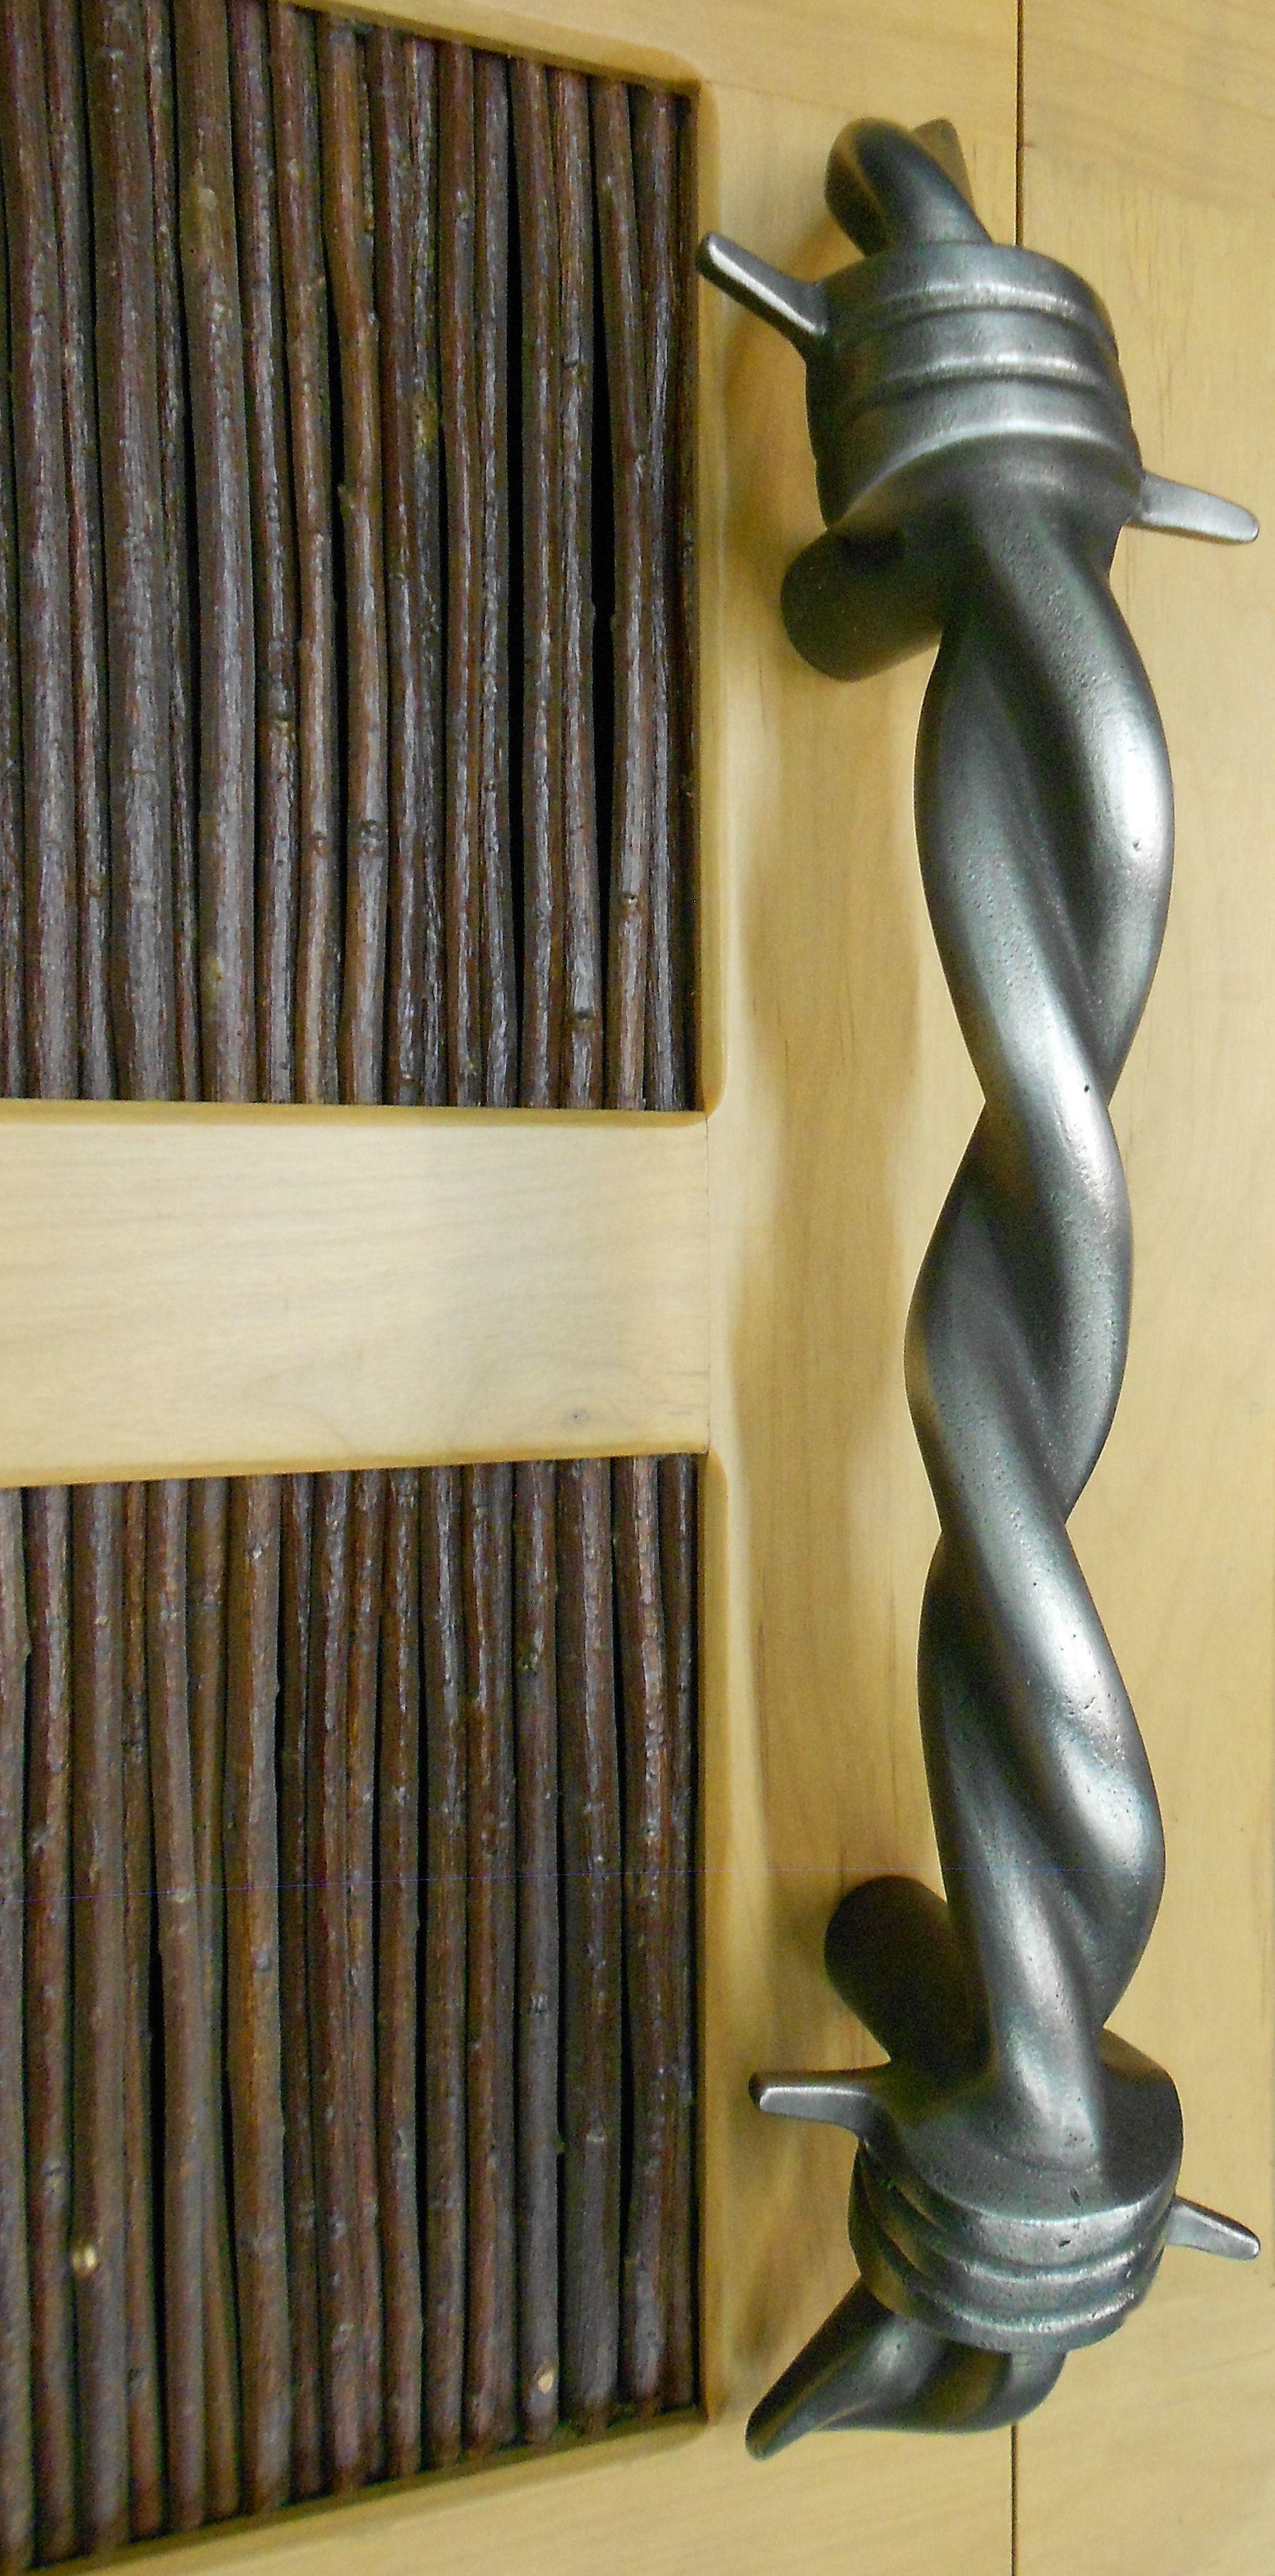 barbed wire door handle cast white bronze antiqued shot peened